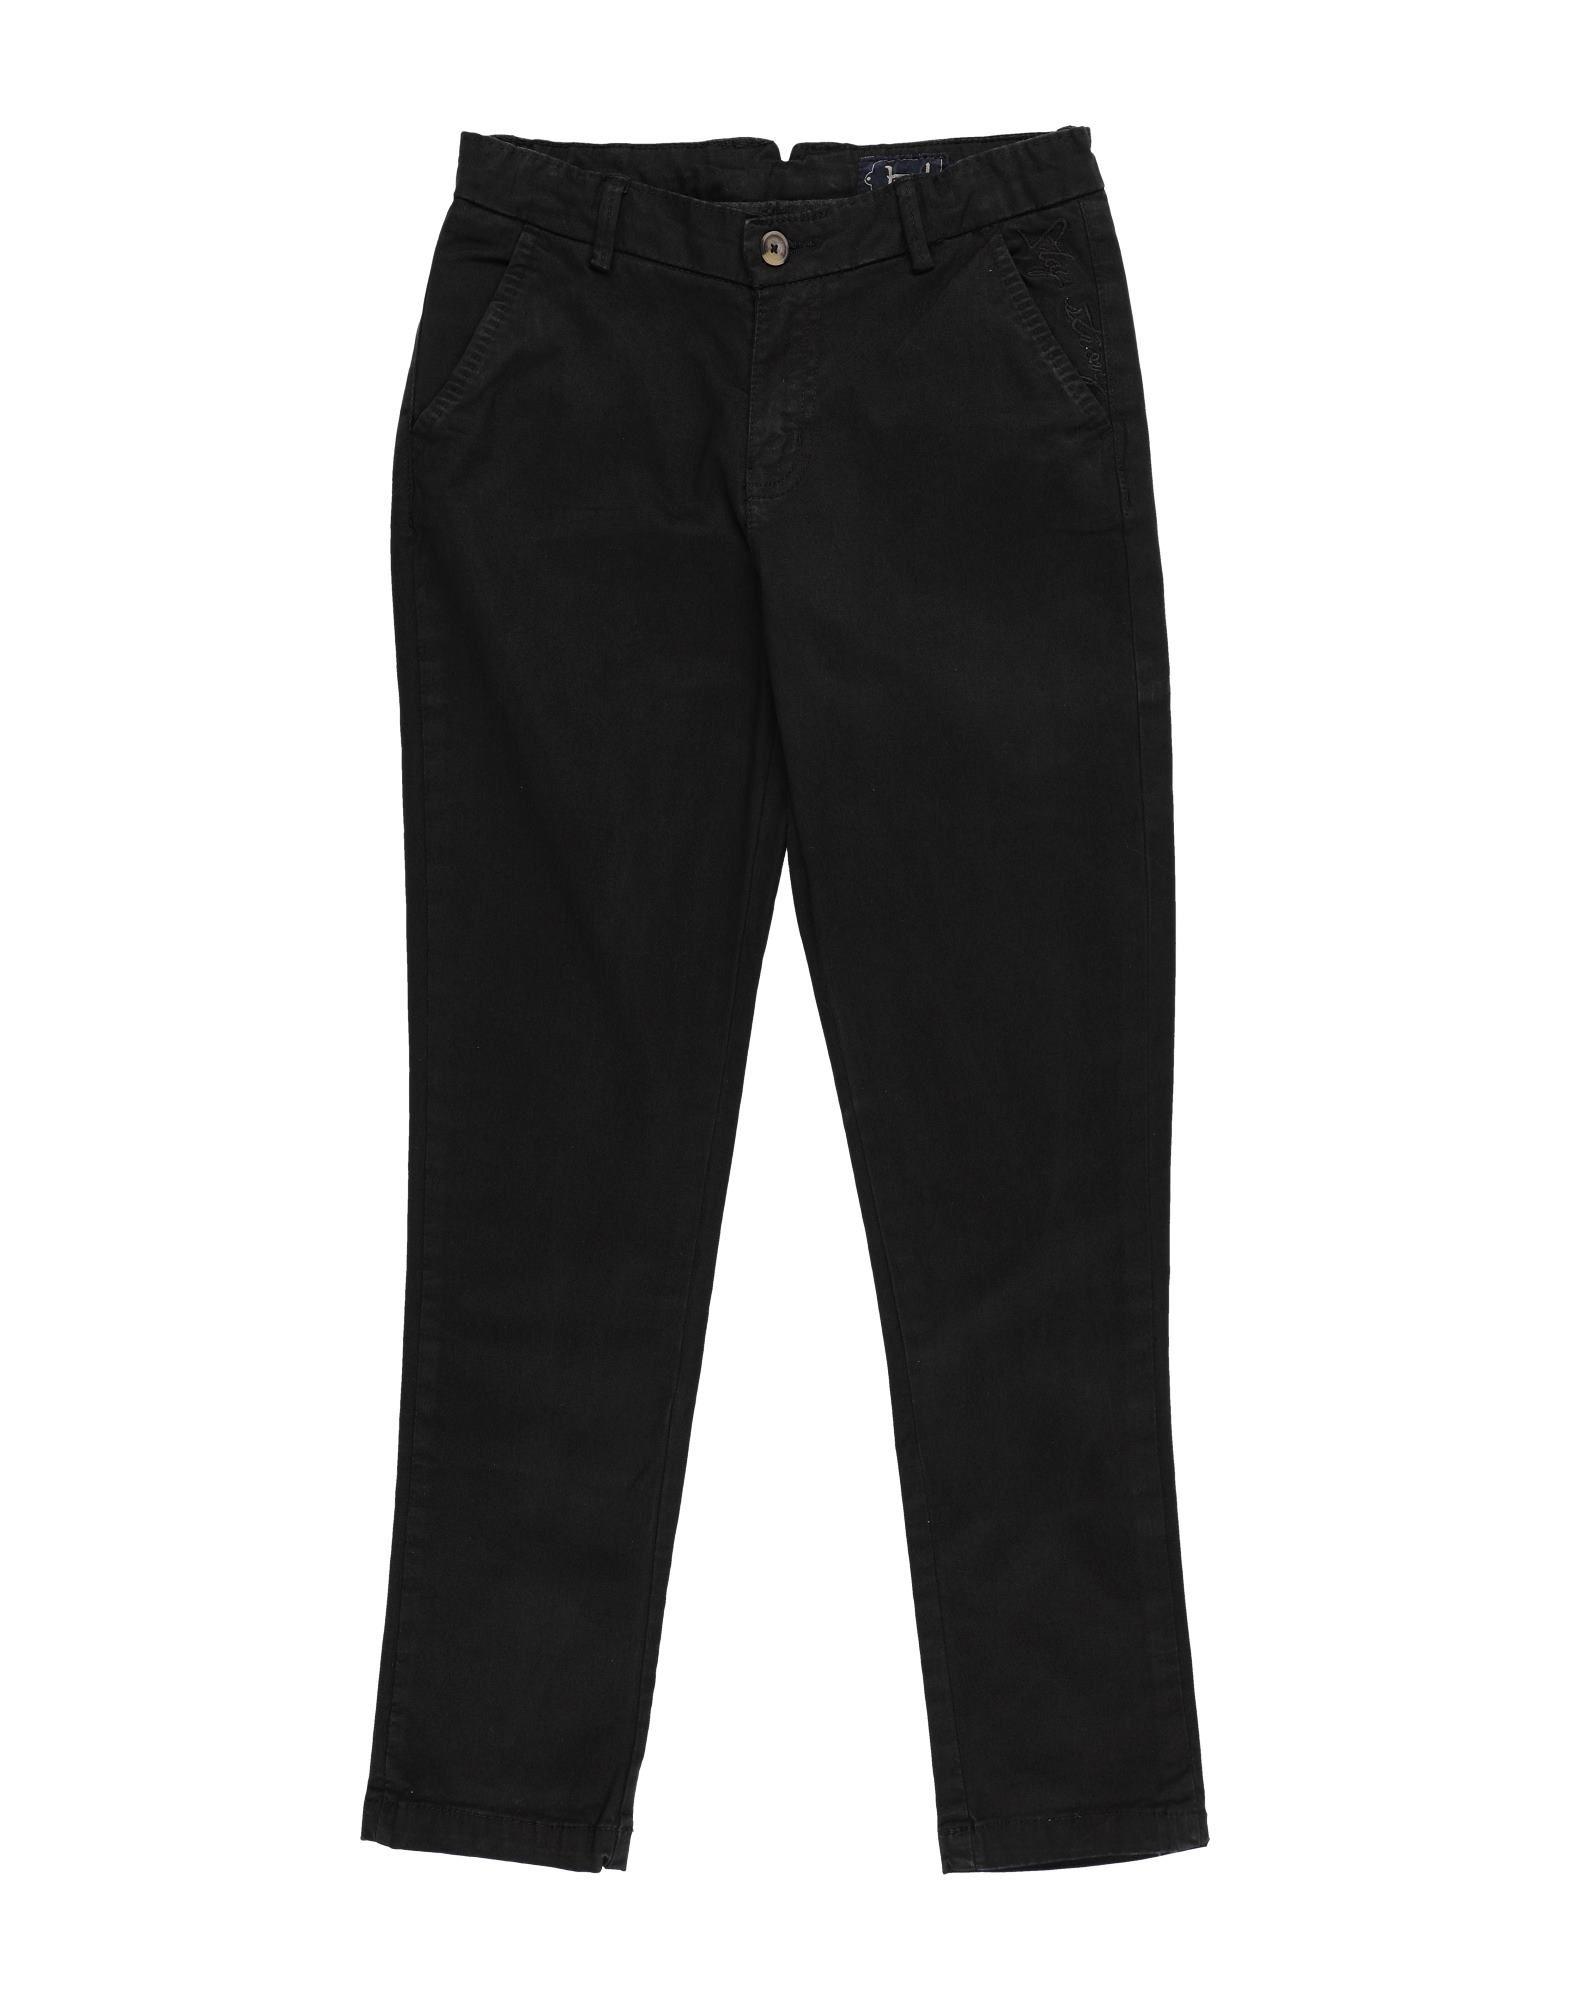 Héros Kids' Casual Pants In Black